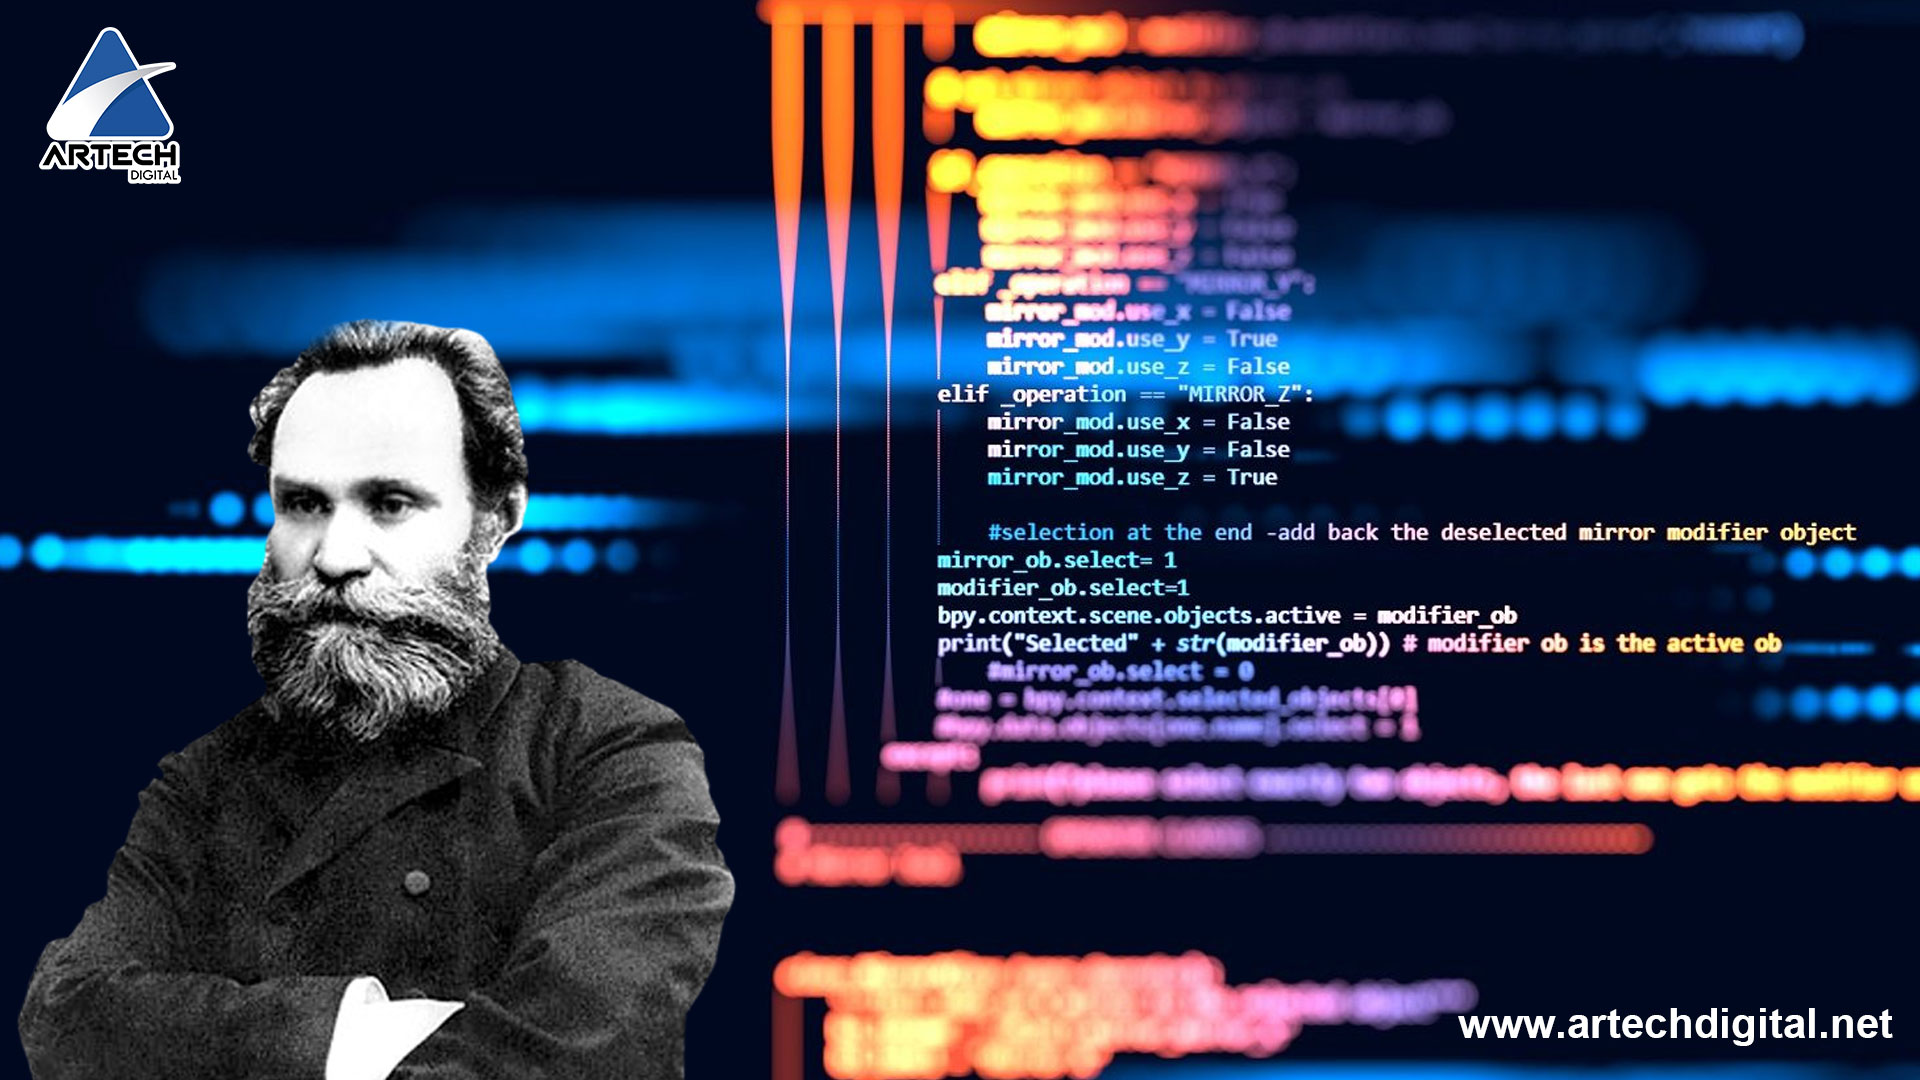 Descubre cómo funciona el algoritmo inspirado en Iván Pávlov